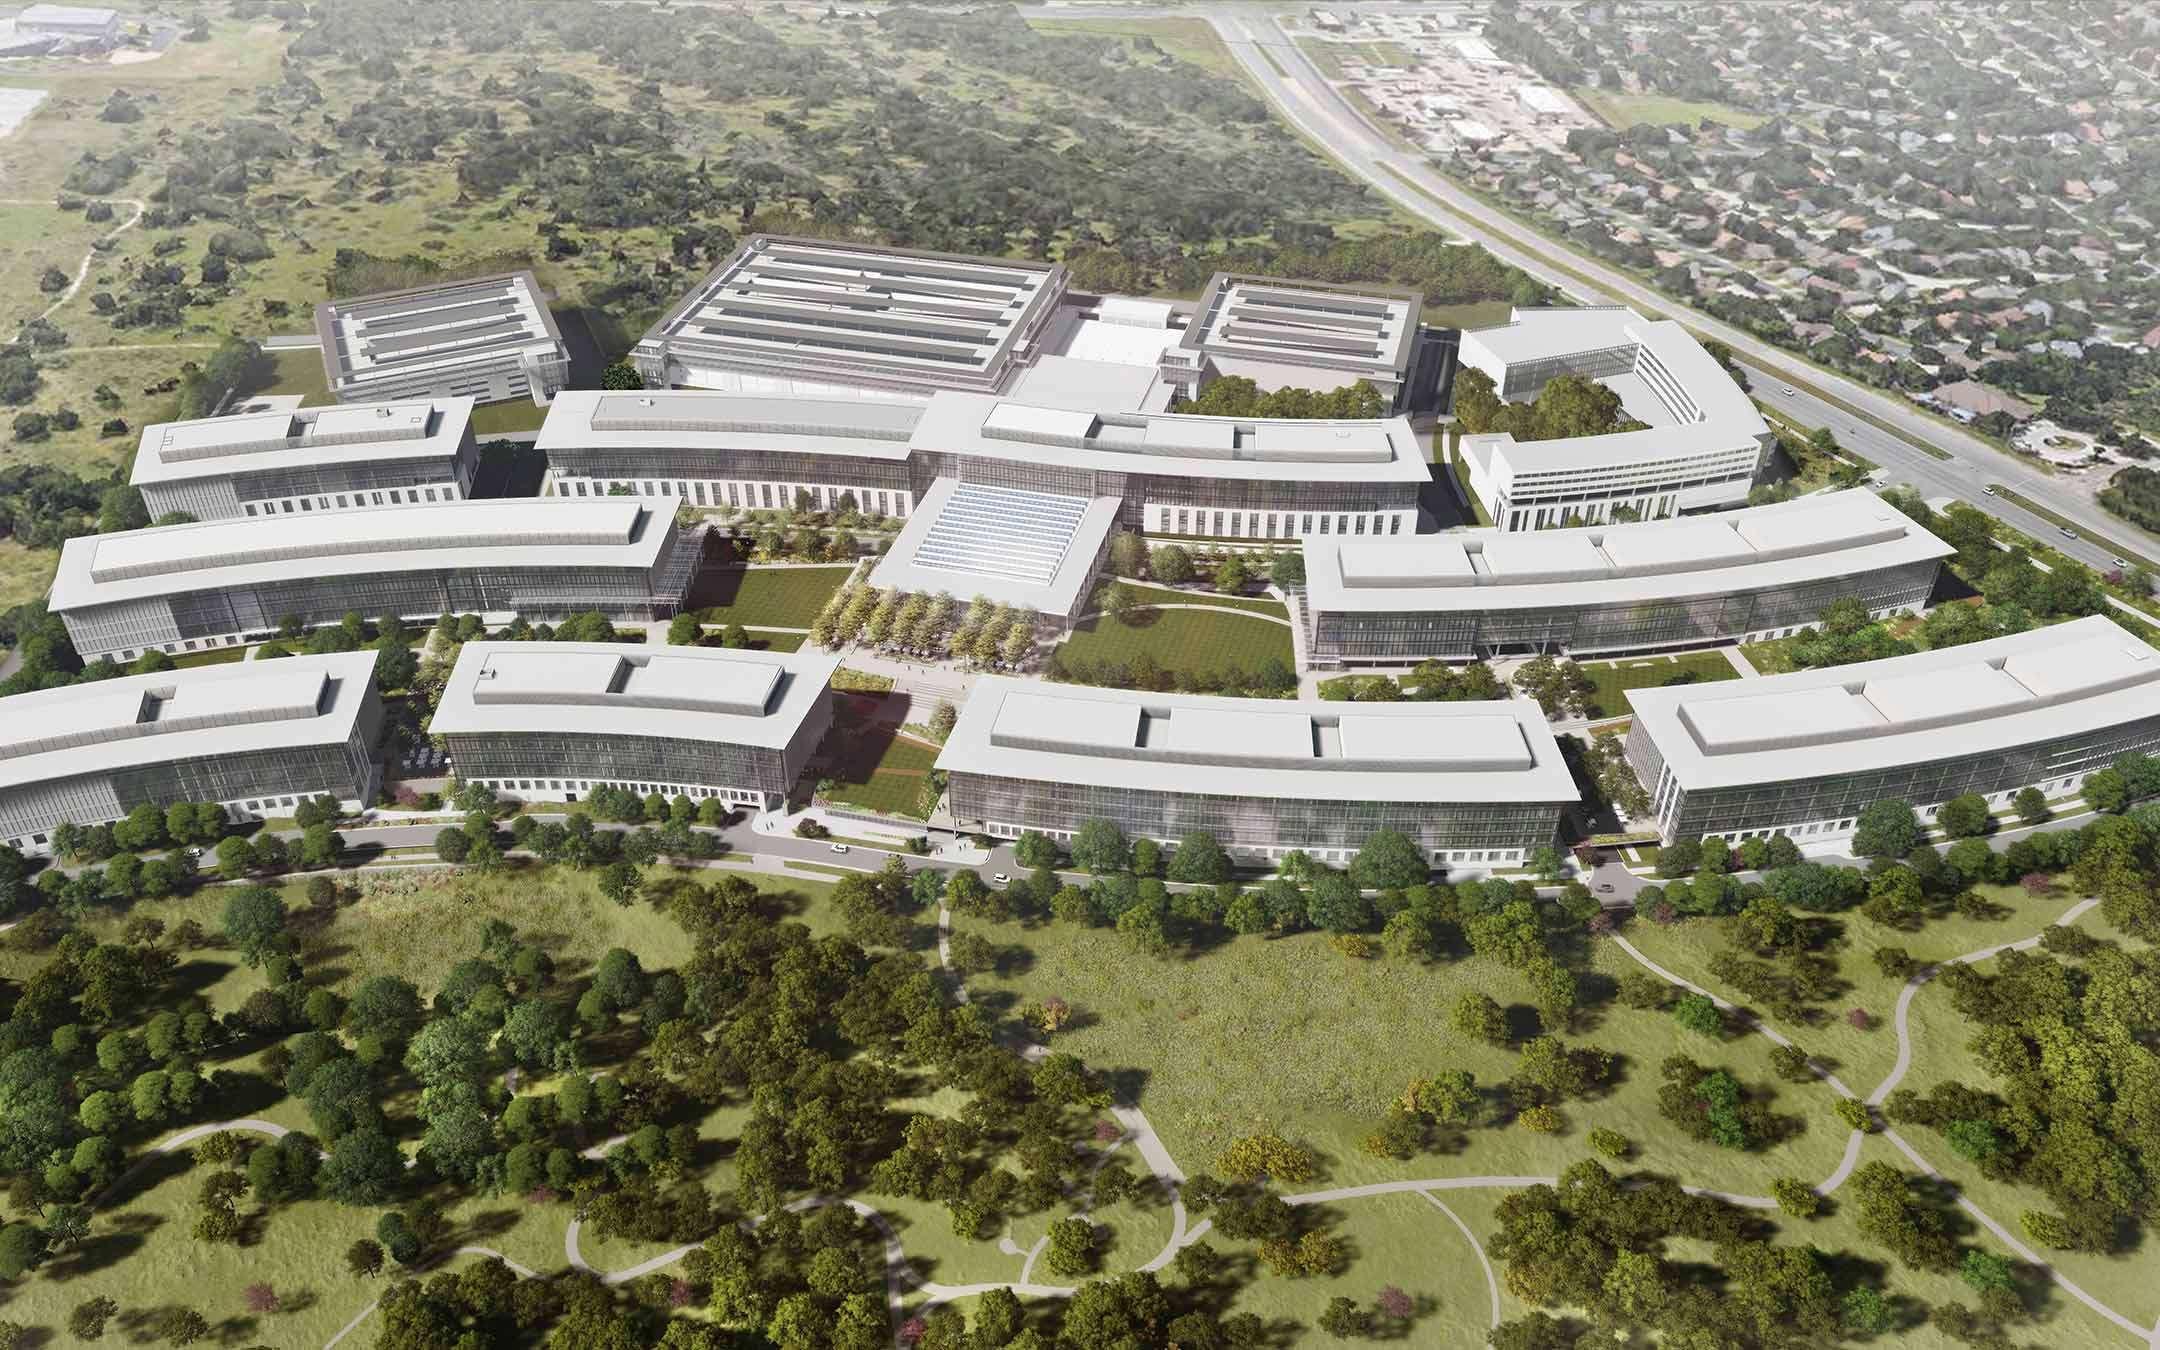 Apple campus, Texas